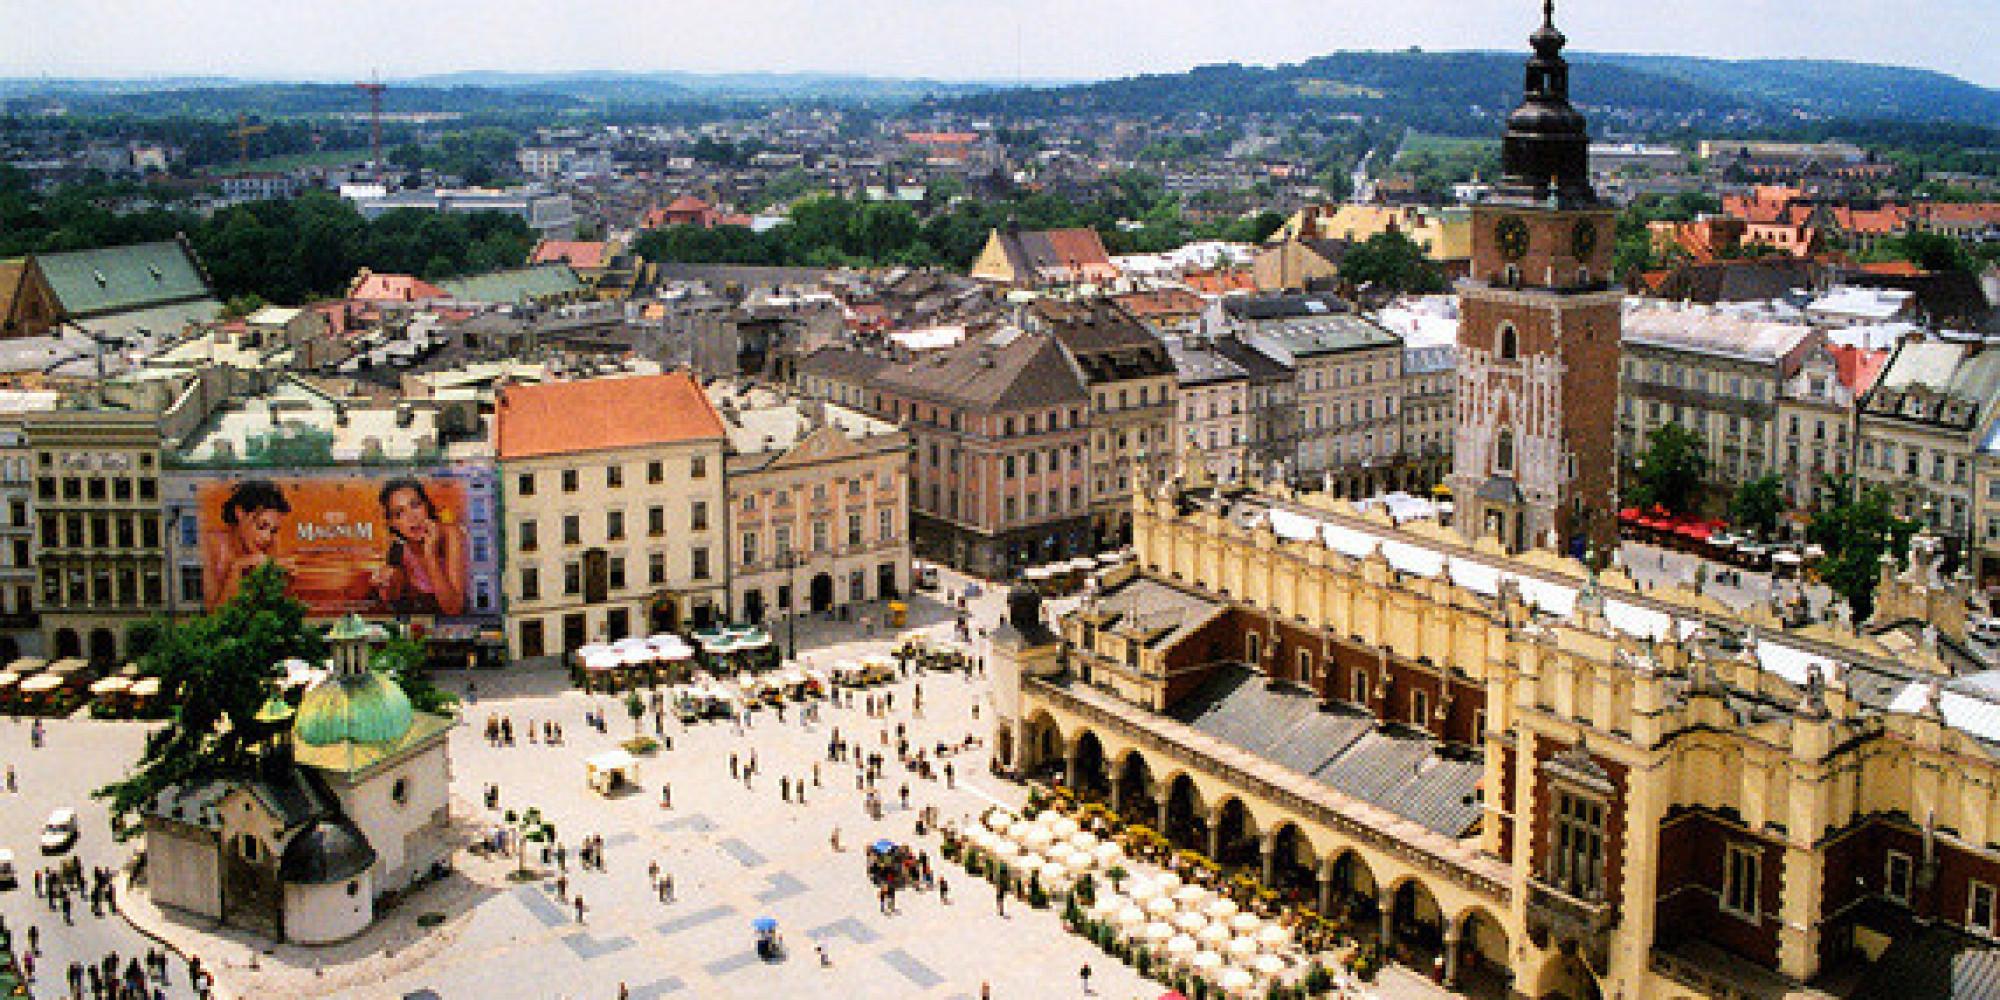 Bildresultat för krakow